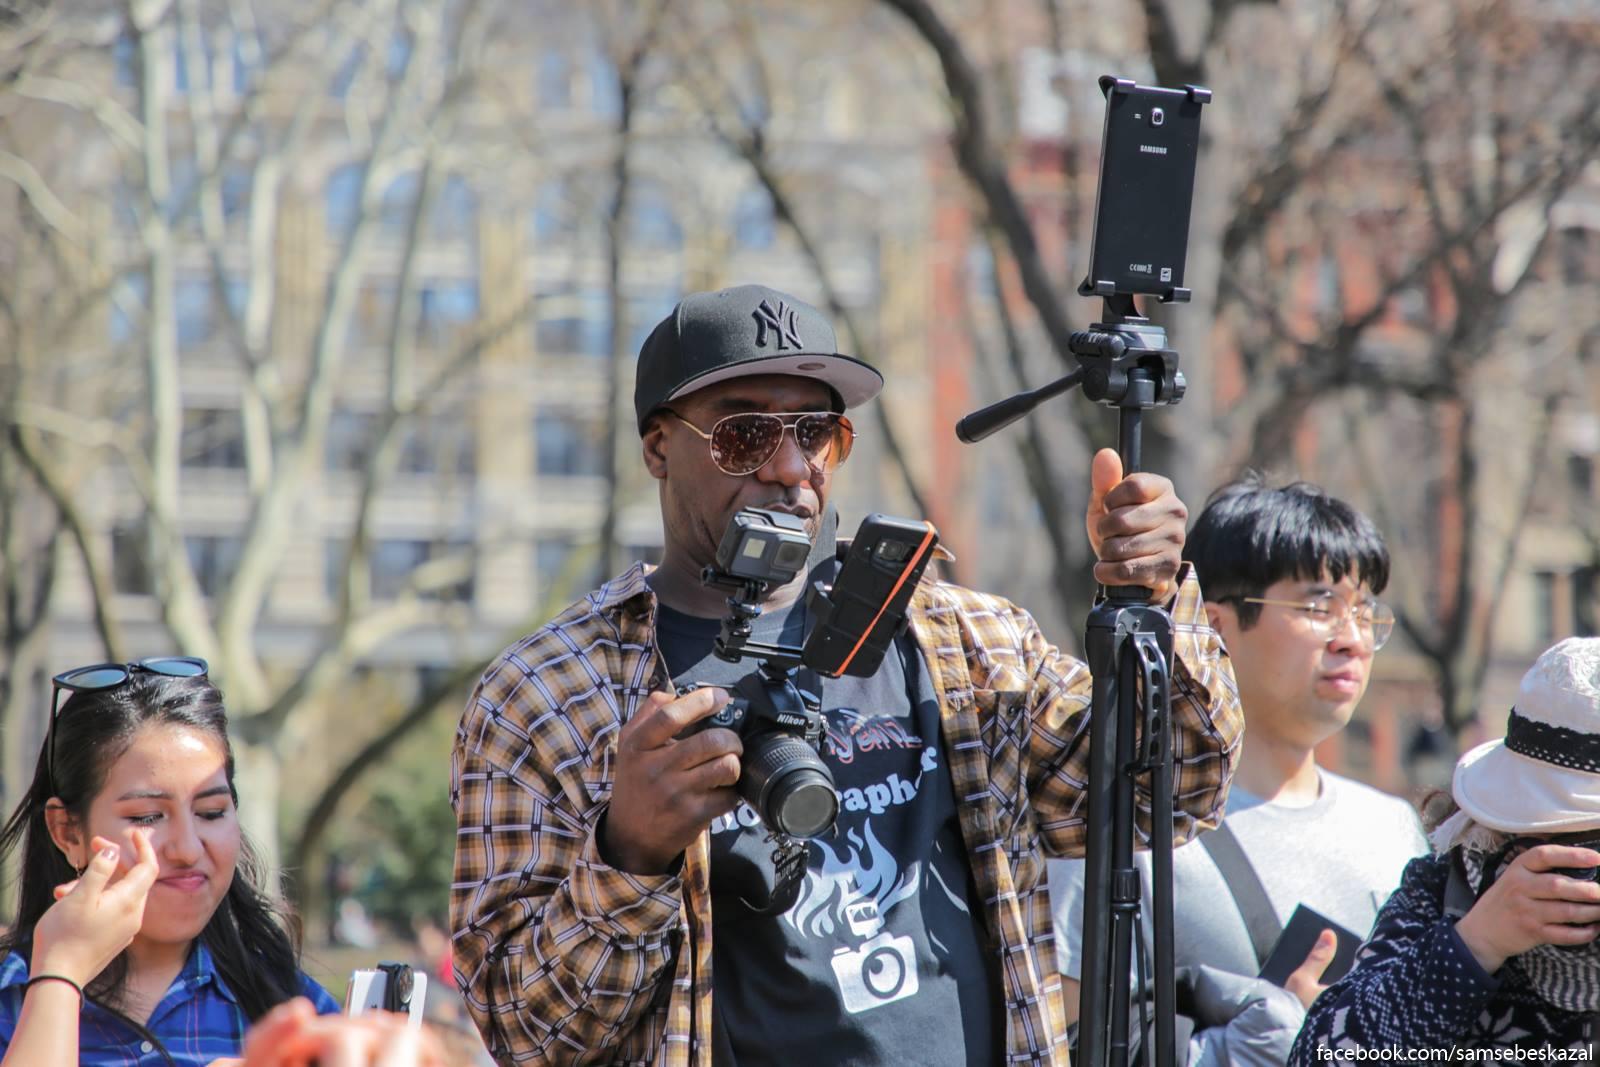 Sobytie osvesali mnogocislennye blogiry. Vot zacem emu stolʹko kamer?